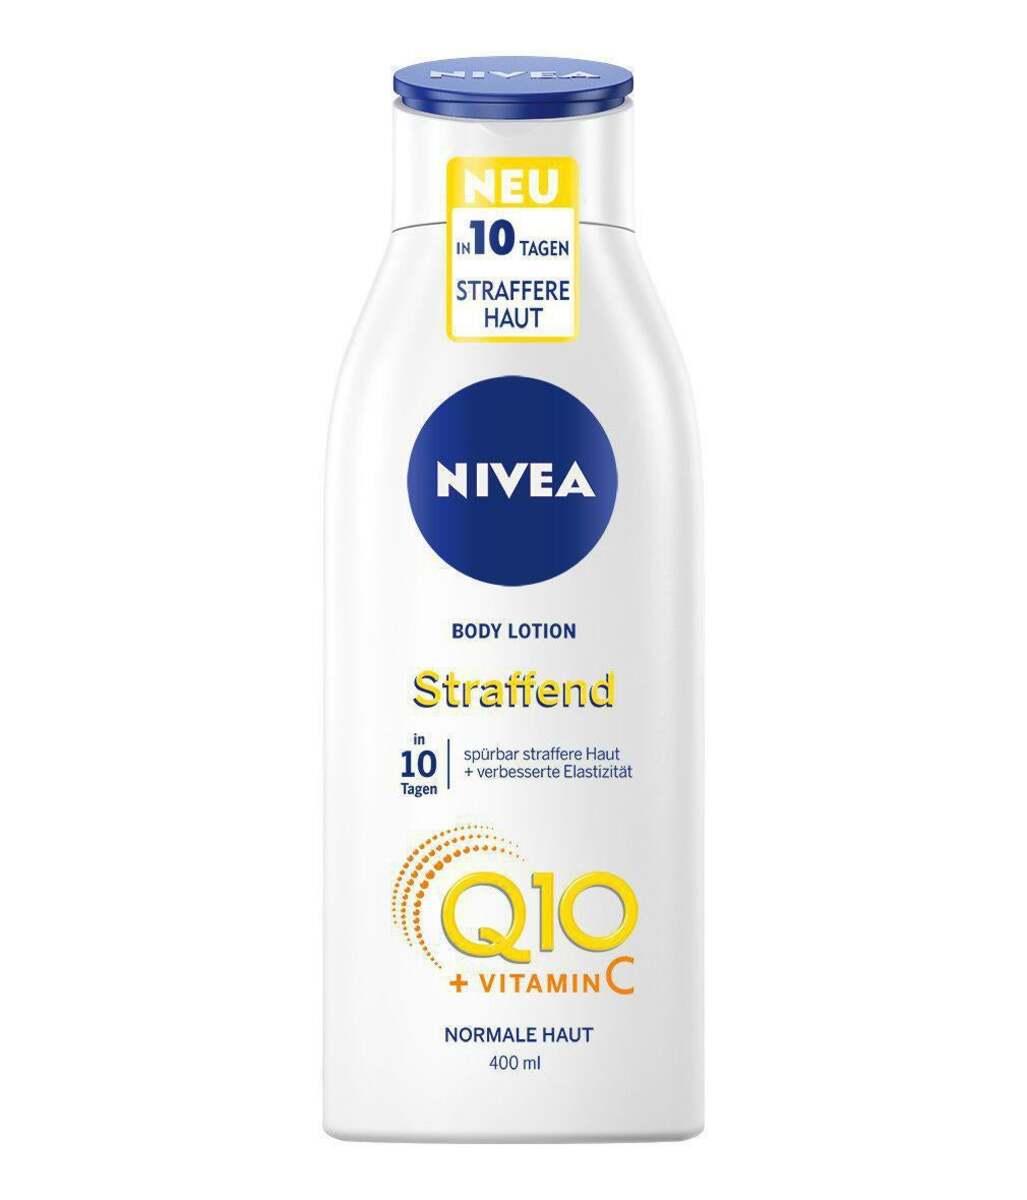 Bild 9 von NIVEA Q10 plus Hautstraffende Body Lotion 12.48 EUR/ 1 l